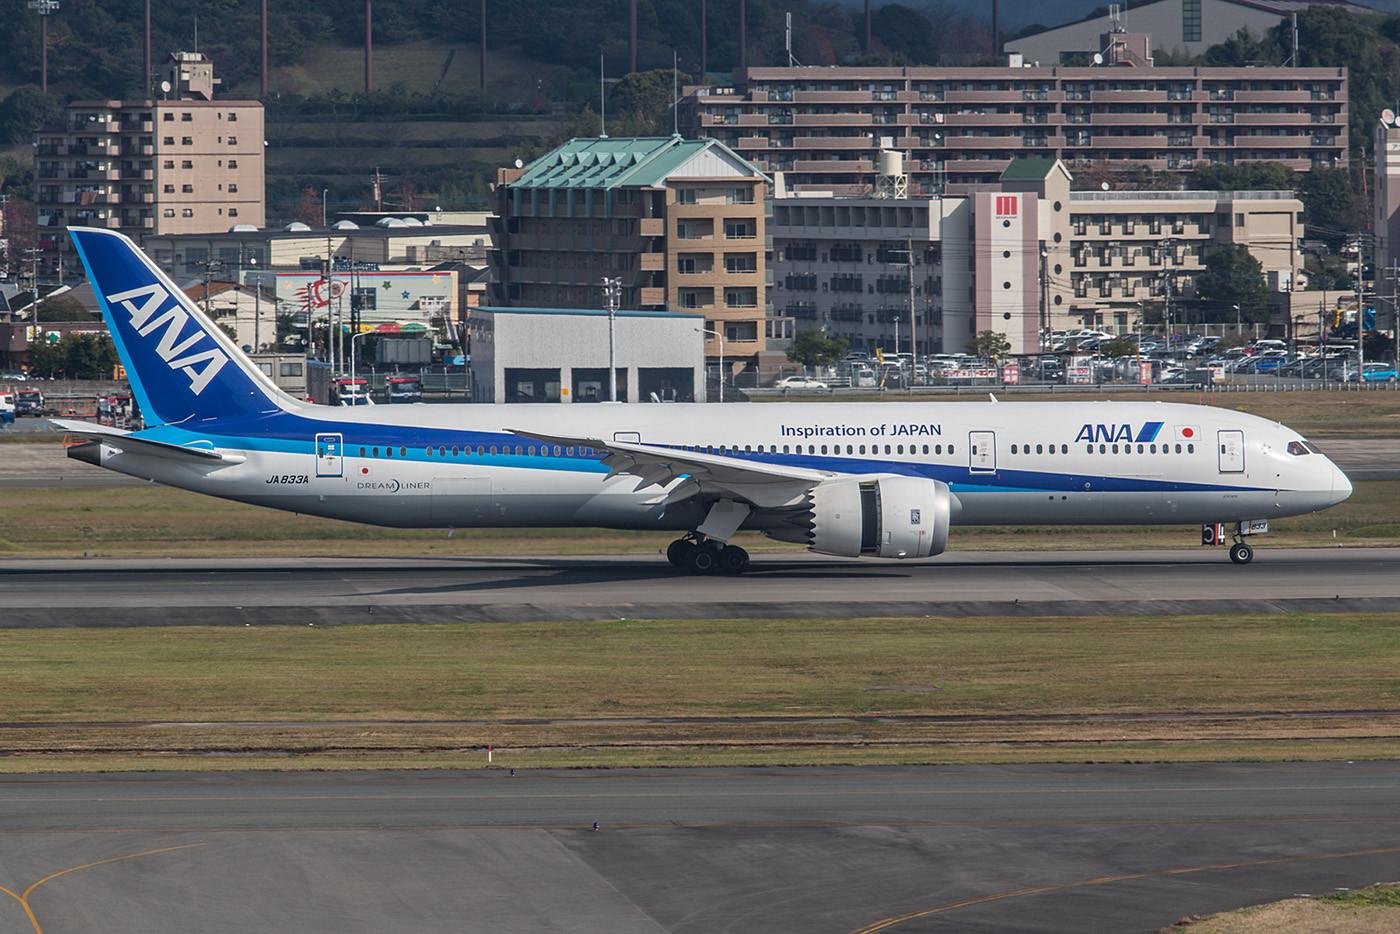 JA833A, eine Boeing 787-9. Auf Inlandsrouten haben die Flieger leider keine besonders bequeme Sitzanordnung, bewegen jedoch recht viele Passagiere.